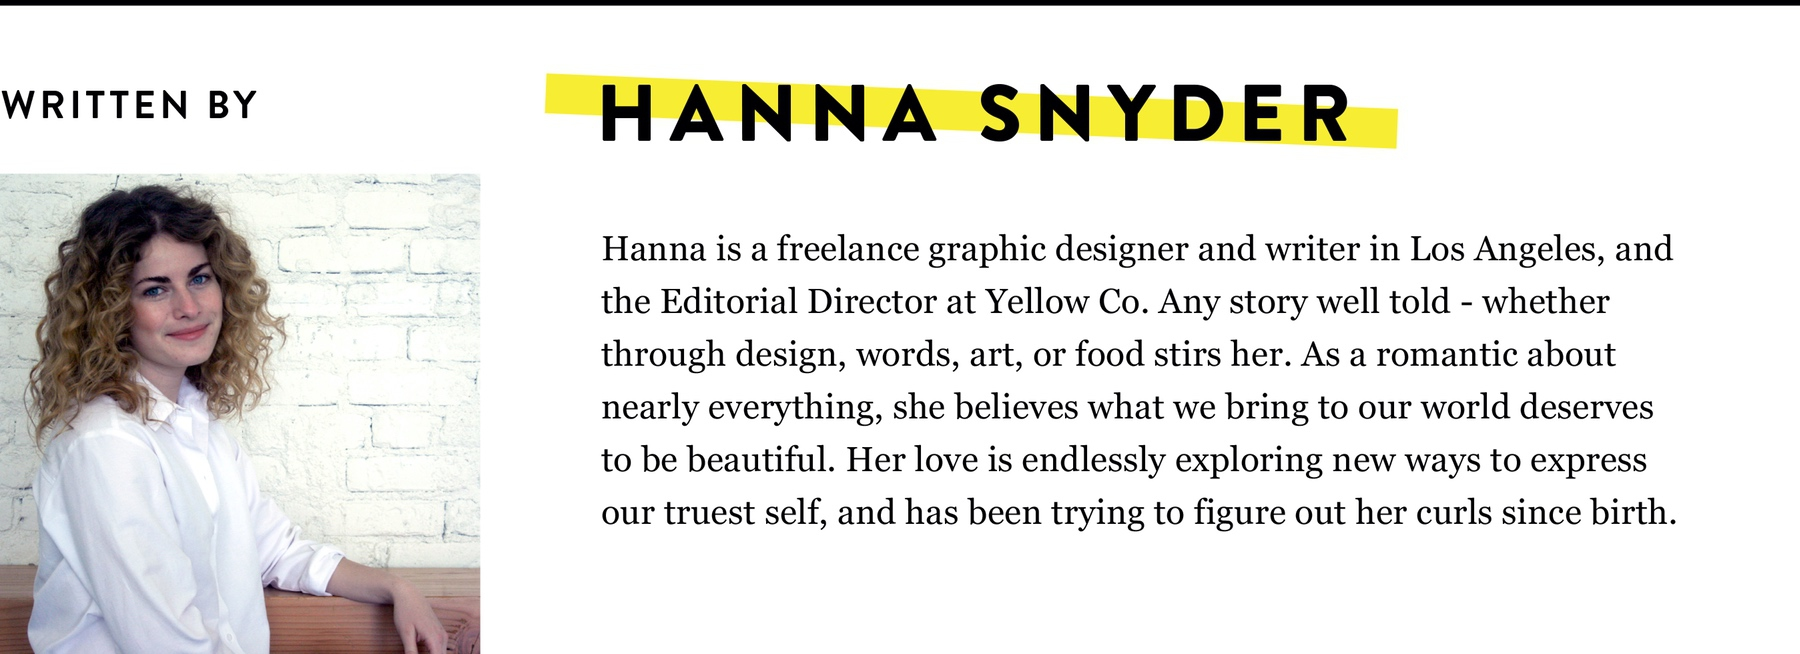 Hanna Snyder Bio